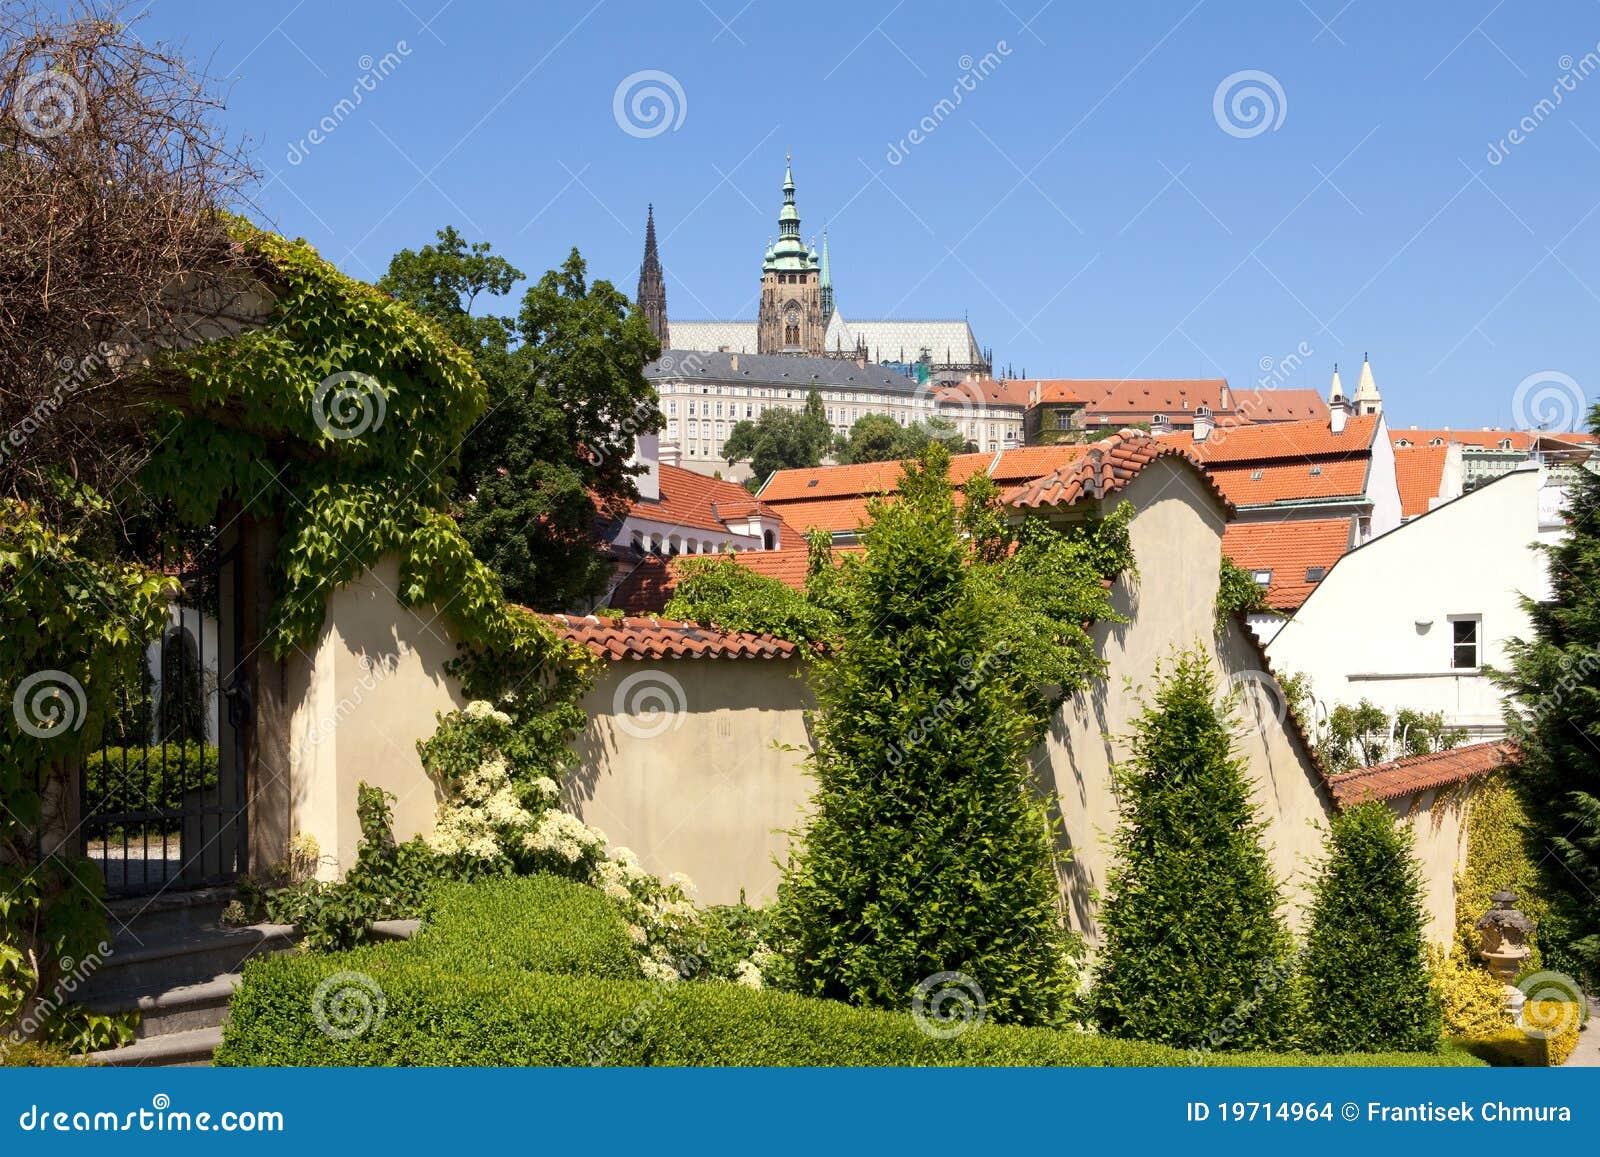 vrtba garden prague czech - photo #17